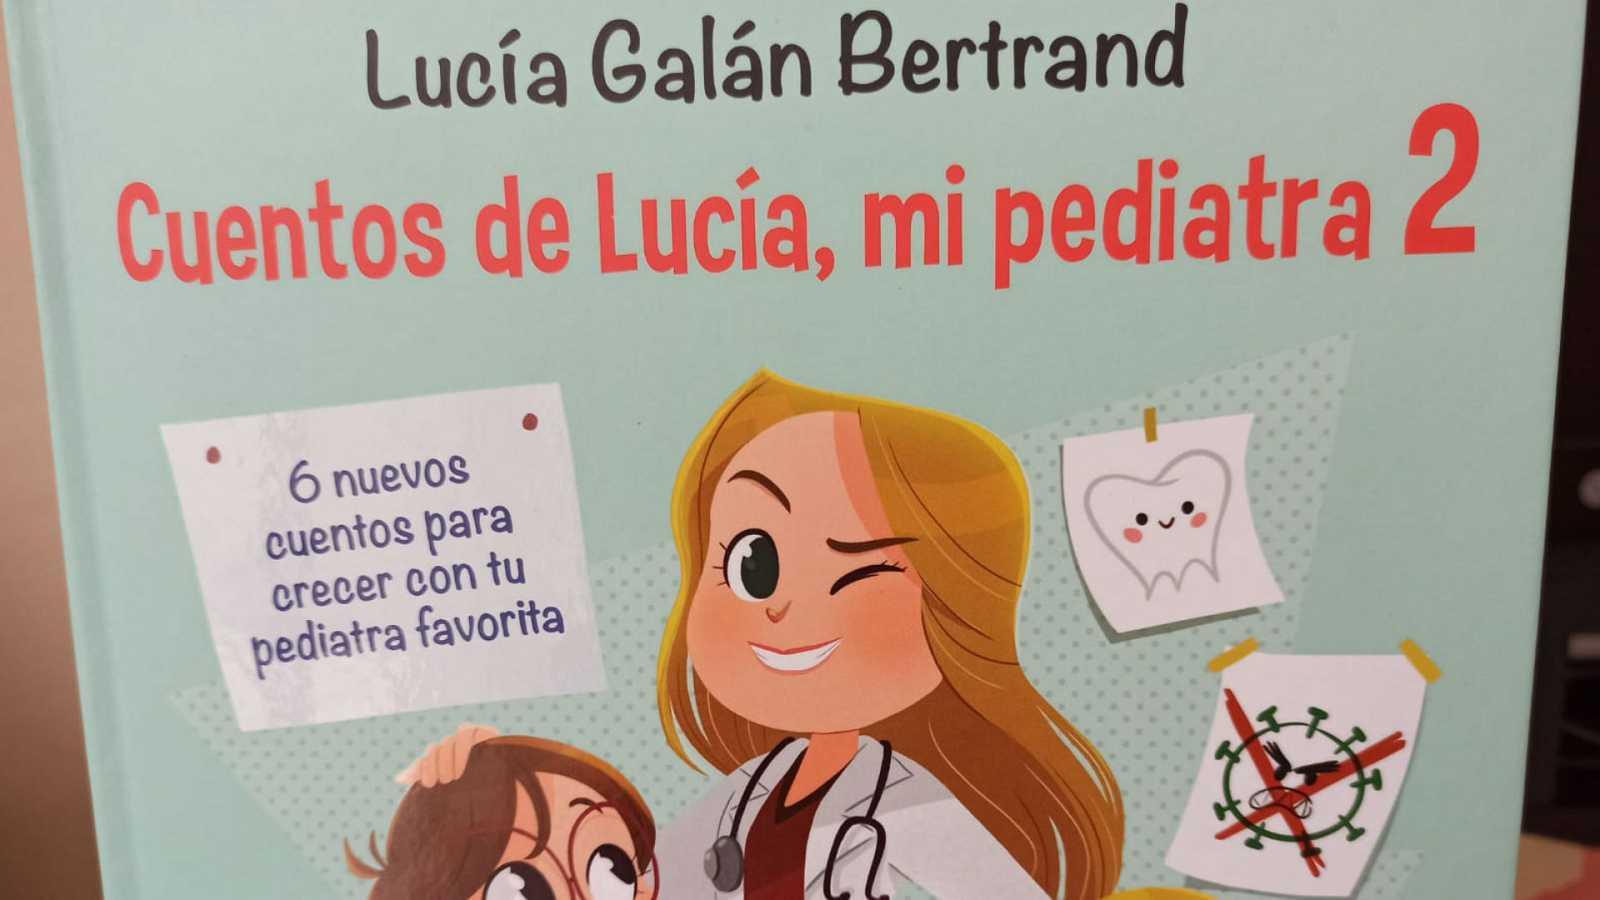 Educar para la paz - Educamos en salud con Lucía, mi pediatra - 28/10/20 - escuchar ahora